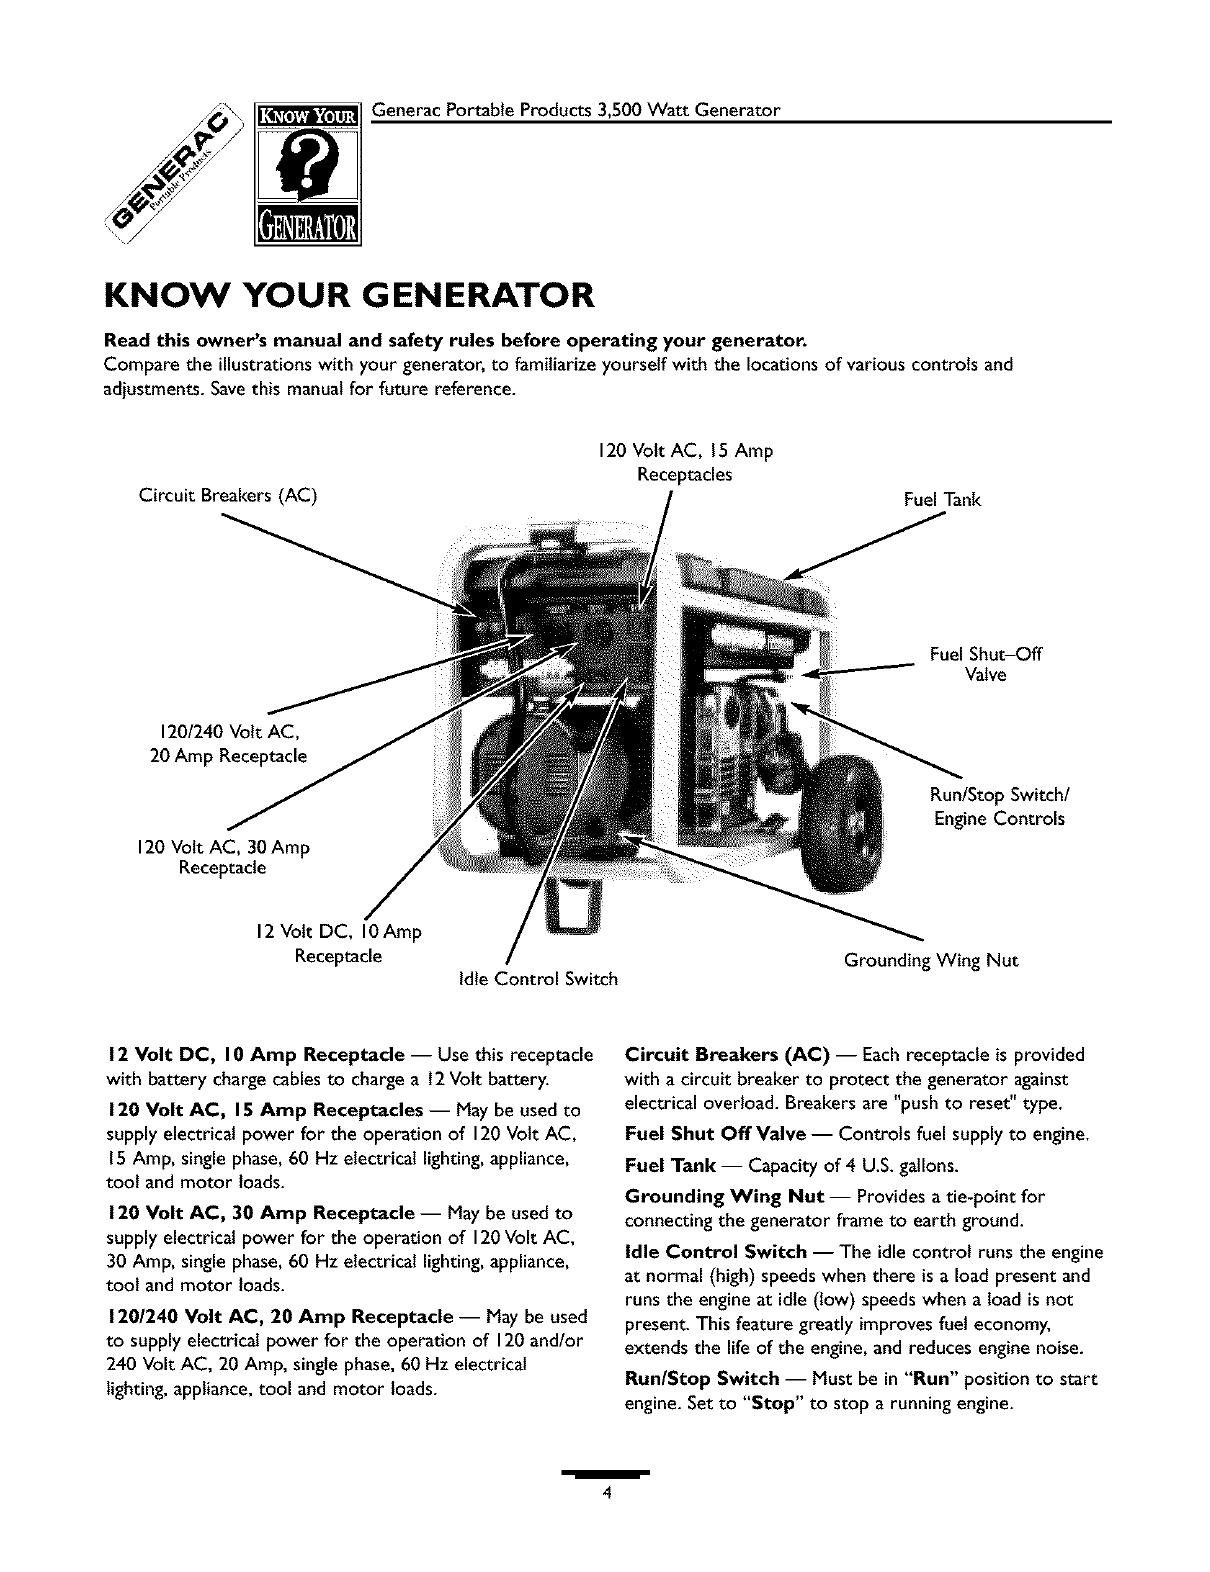 generac 30 amp generator plug wiring diagram generac 1313 1 user manual generator manuals and guides l0403230  generac 1313 1 user manual generator